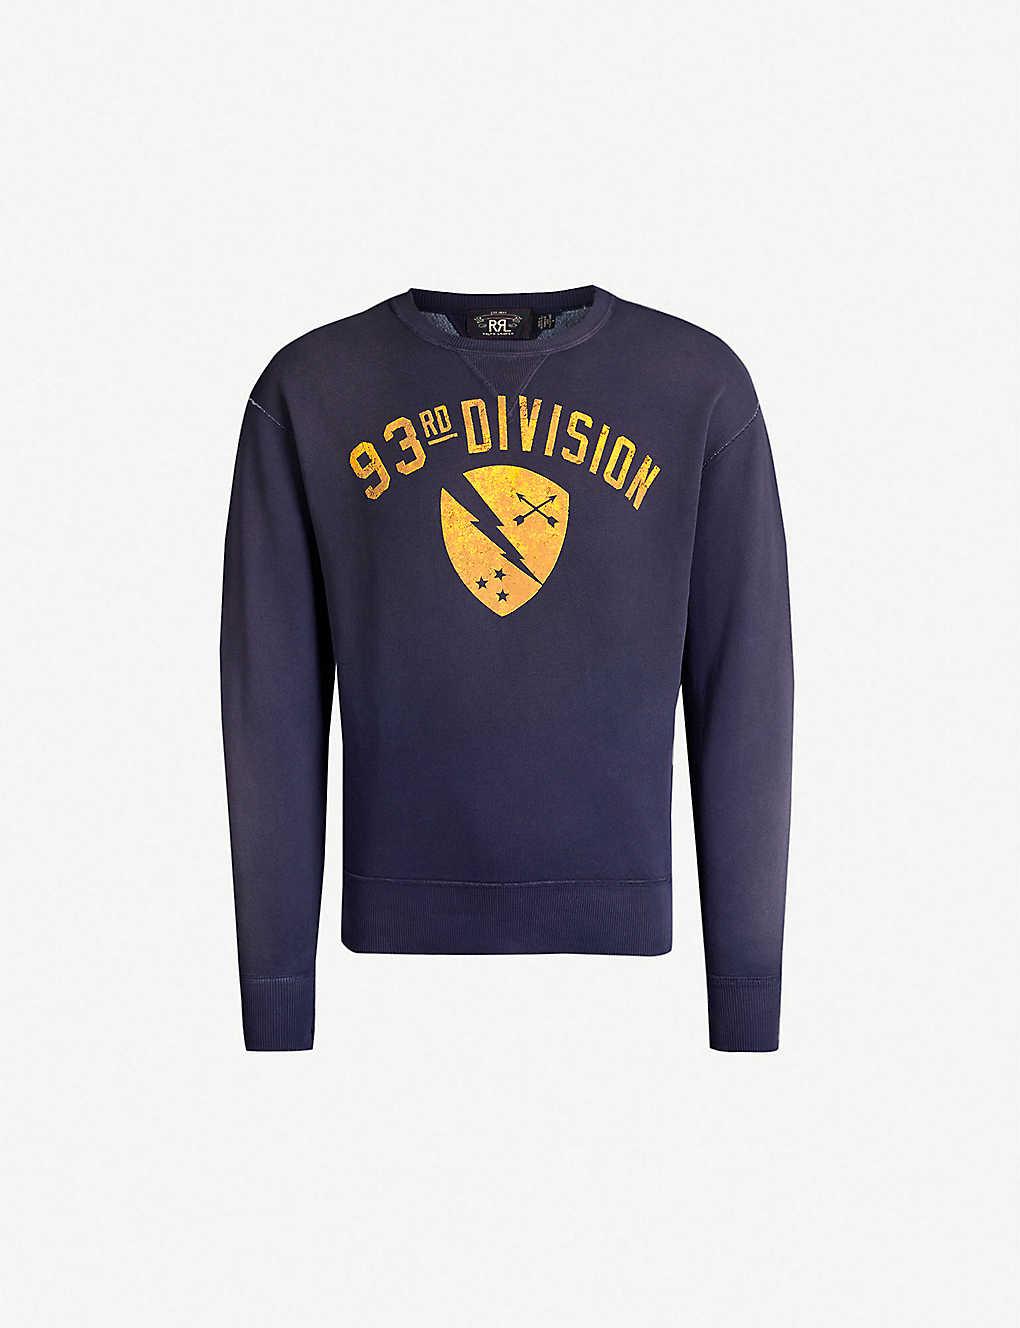 07d57443b RRL - Graphic-print cotton-blend sweatshirt | Selfridges.com